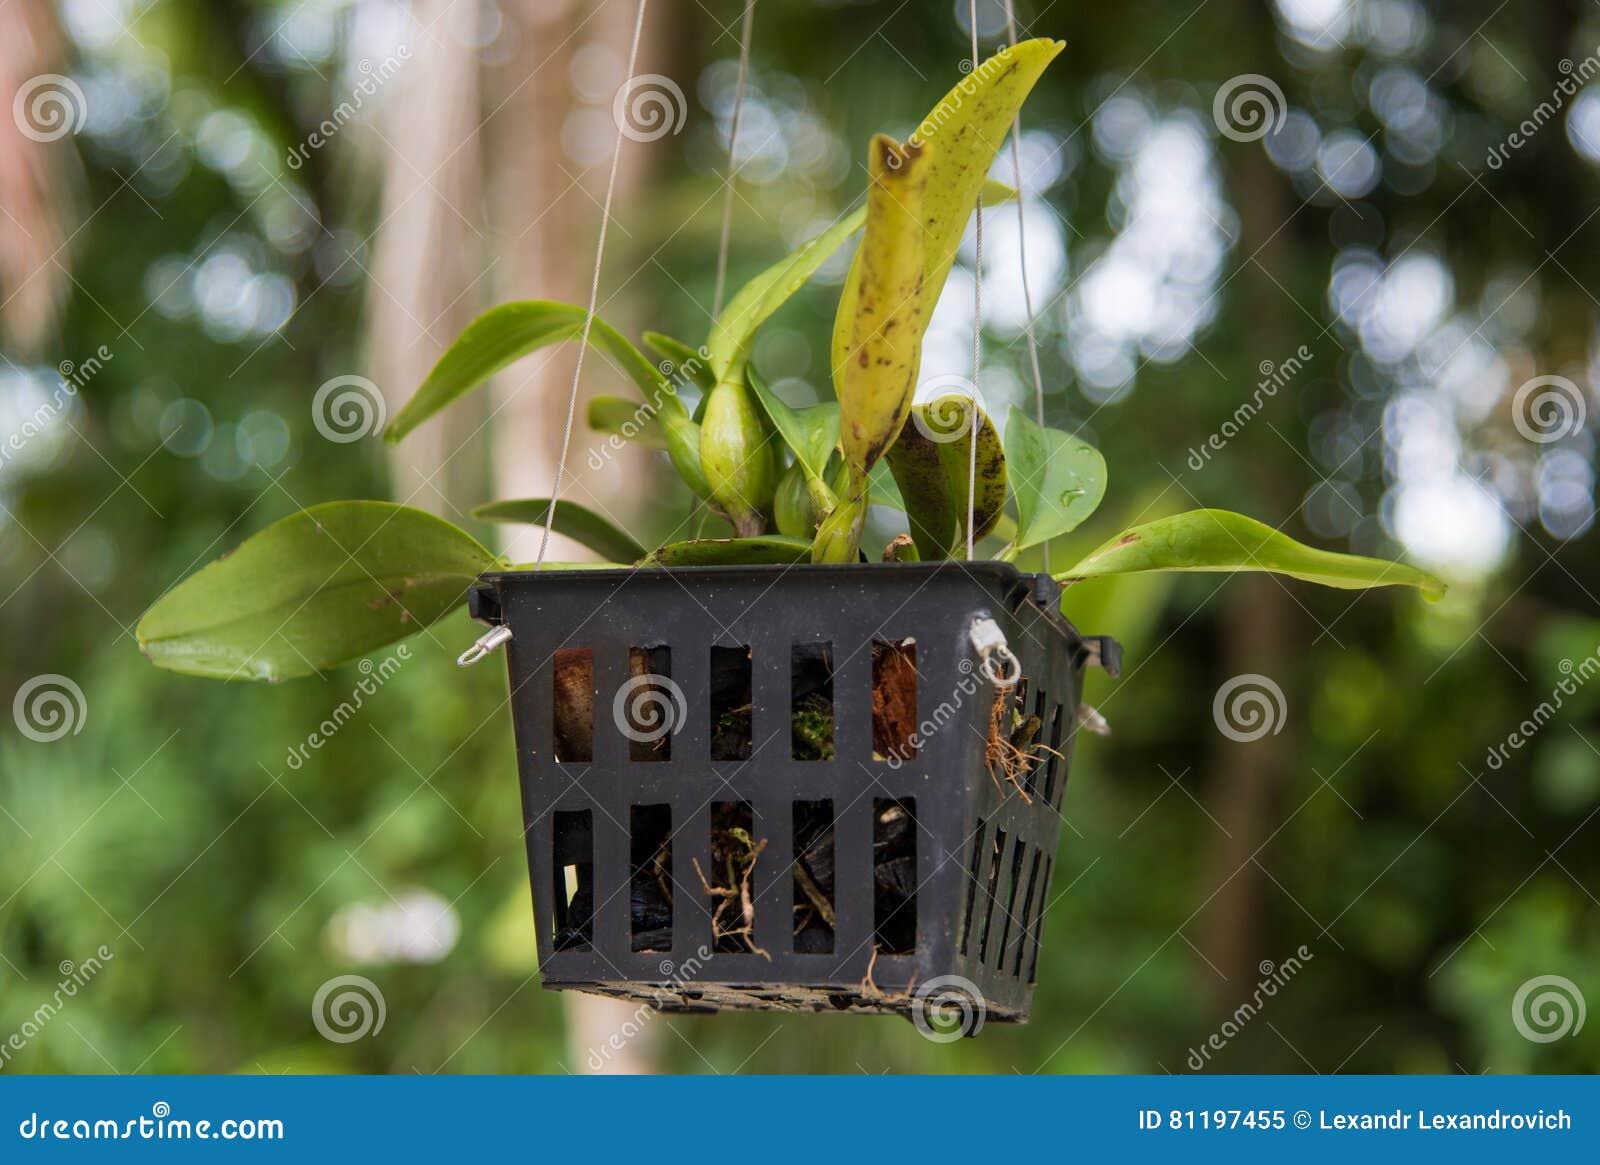 Vaso con la pianta